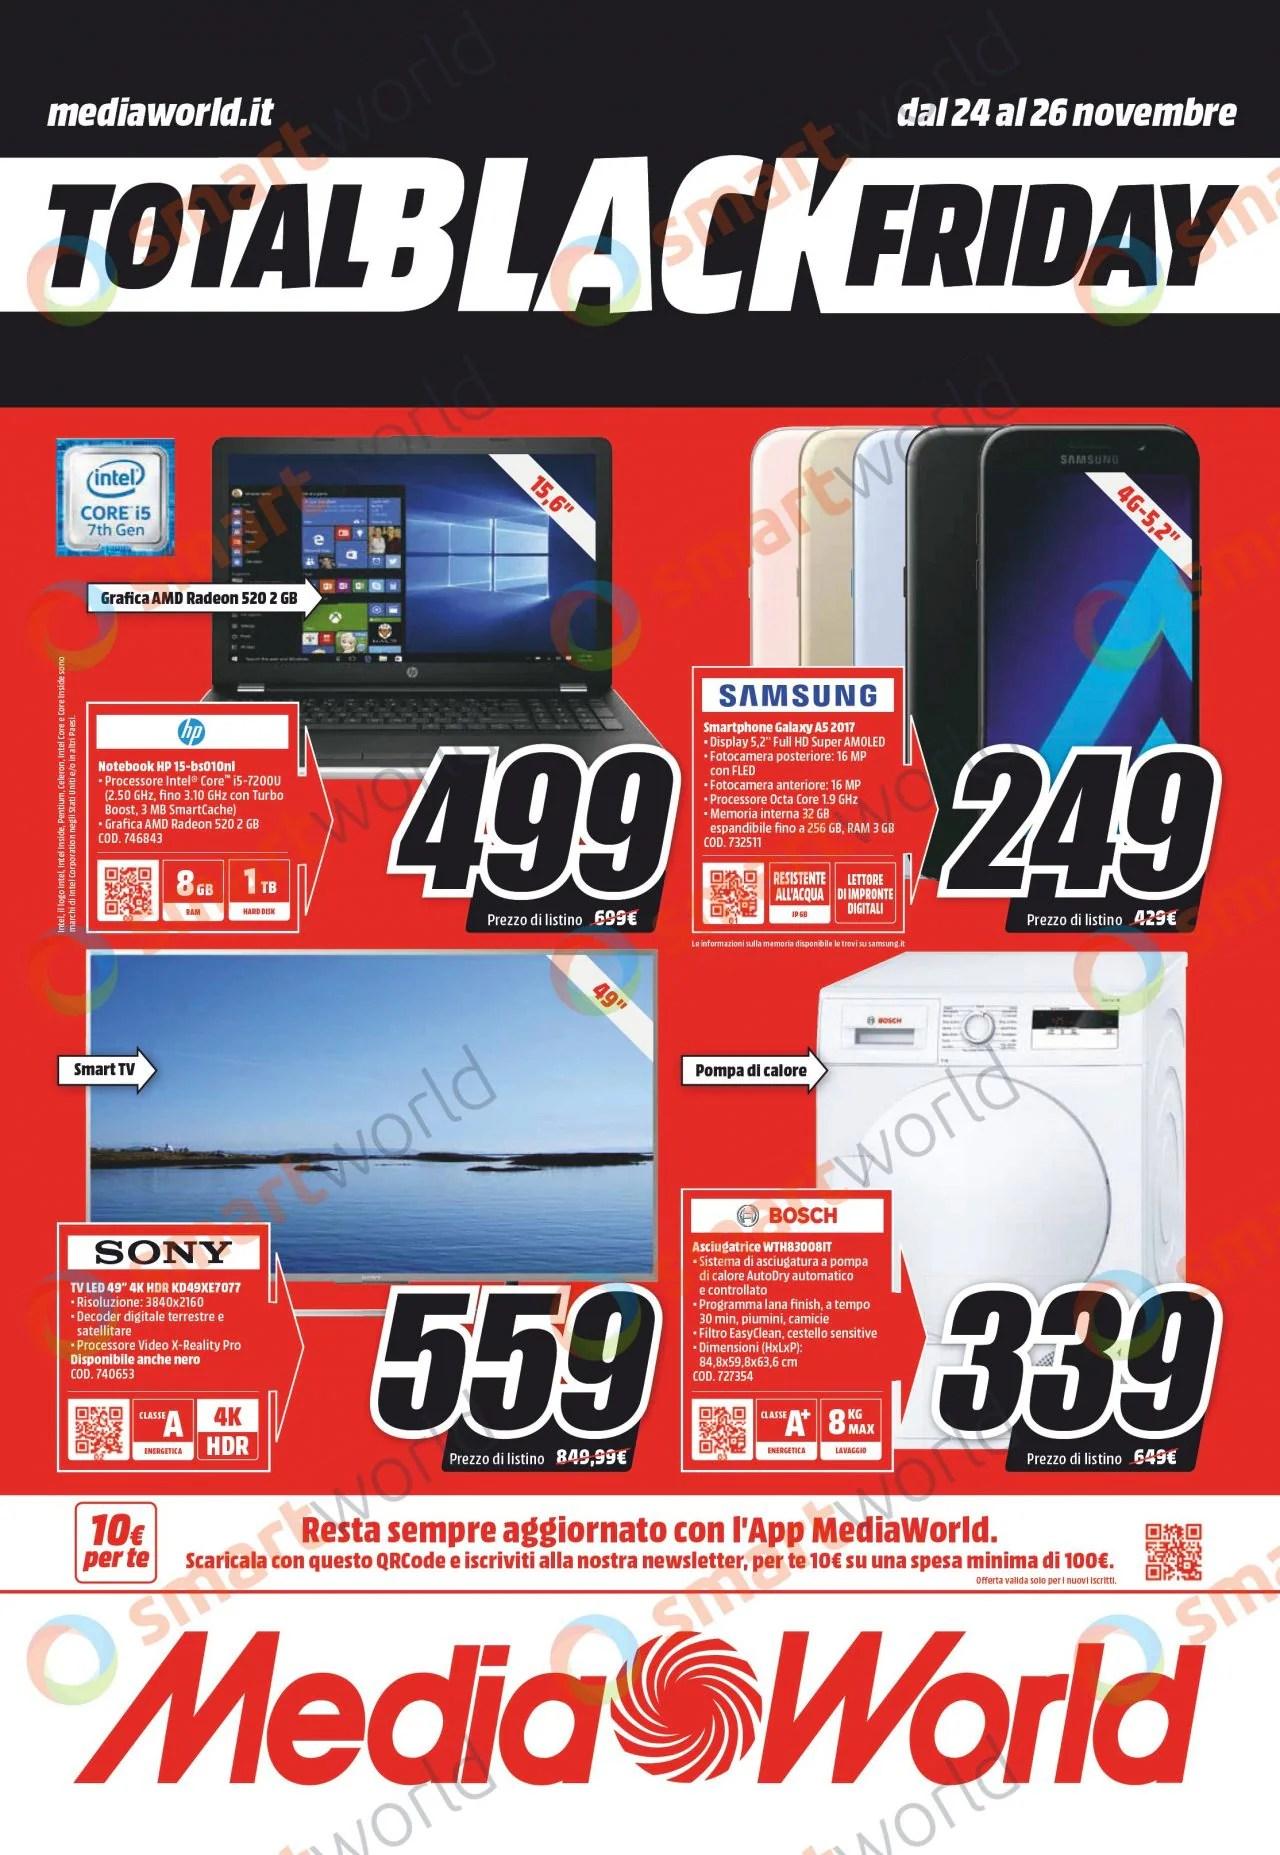 Volantino MediaWorld Total Black Friday 20 pagine di articoli in offerta tra console